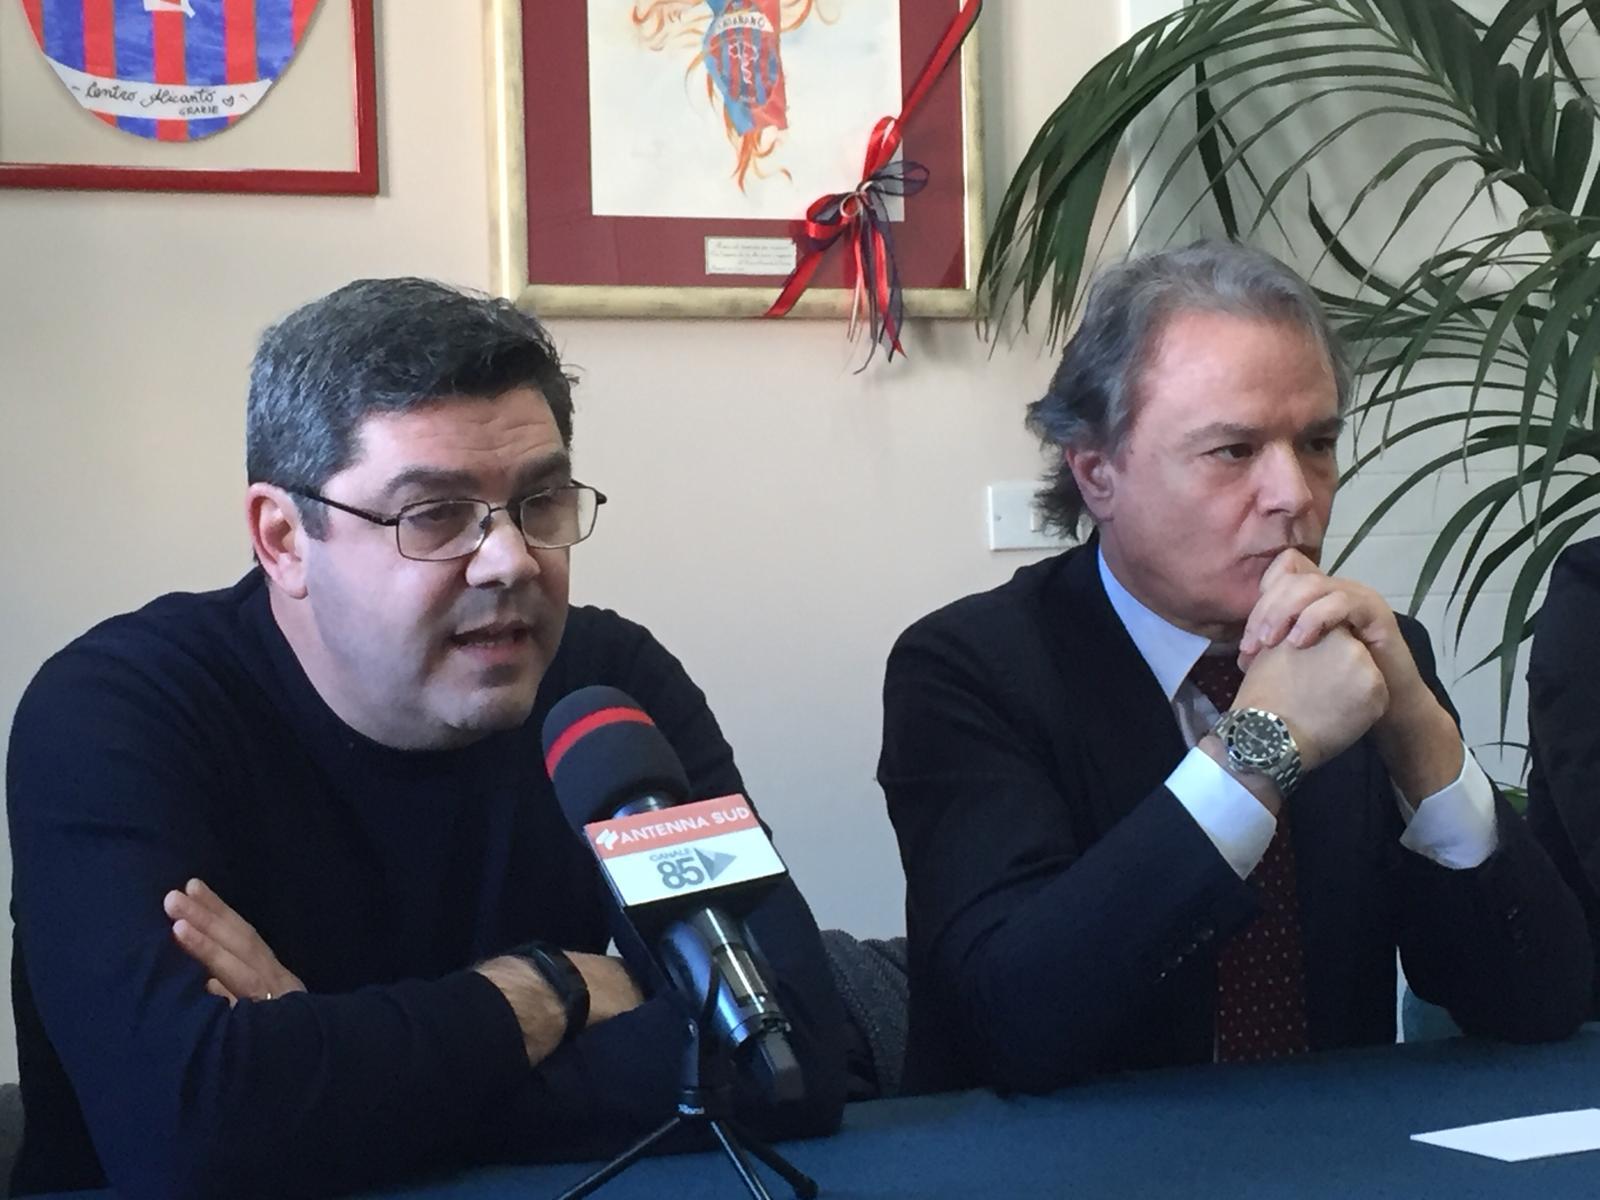 Antonio Filograna Sergio e Giamperio Maci